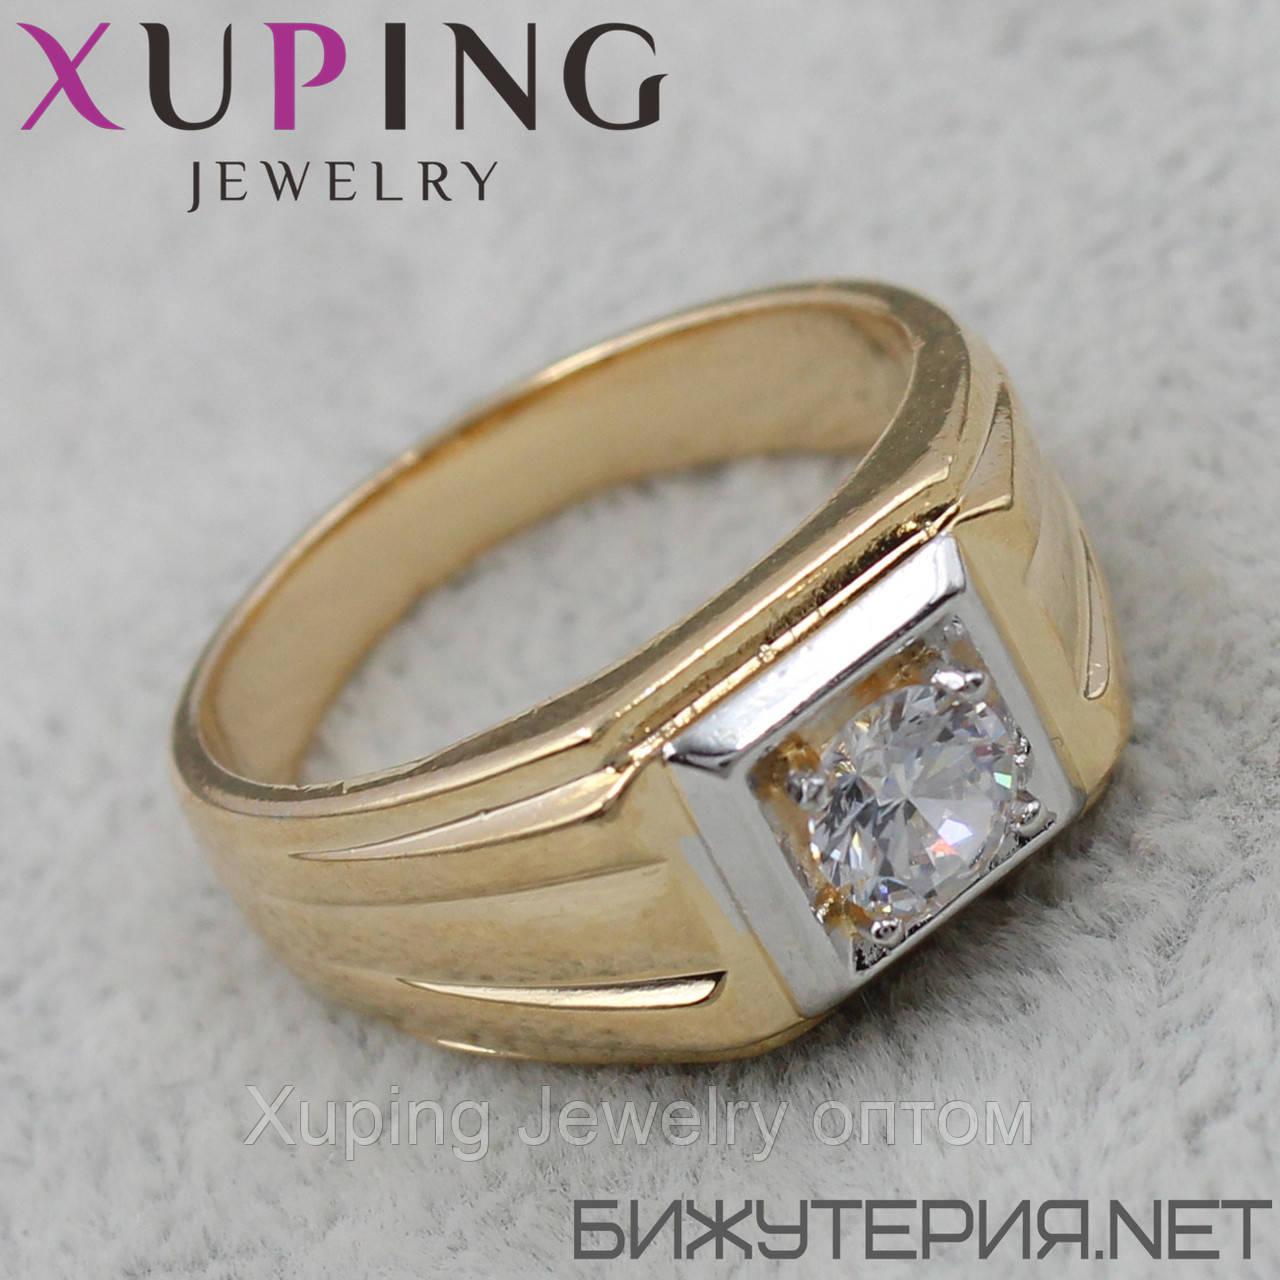 Перстень Xuping медицинское золото 18K Gold - 1025732913